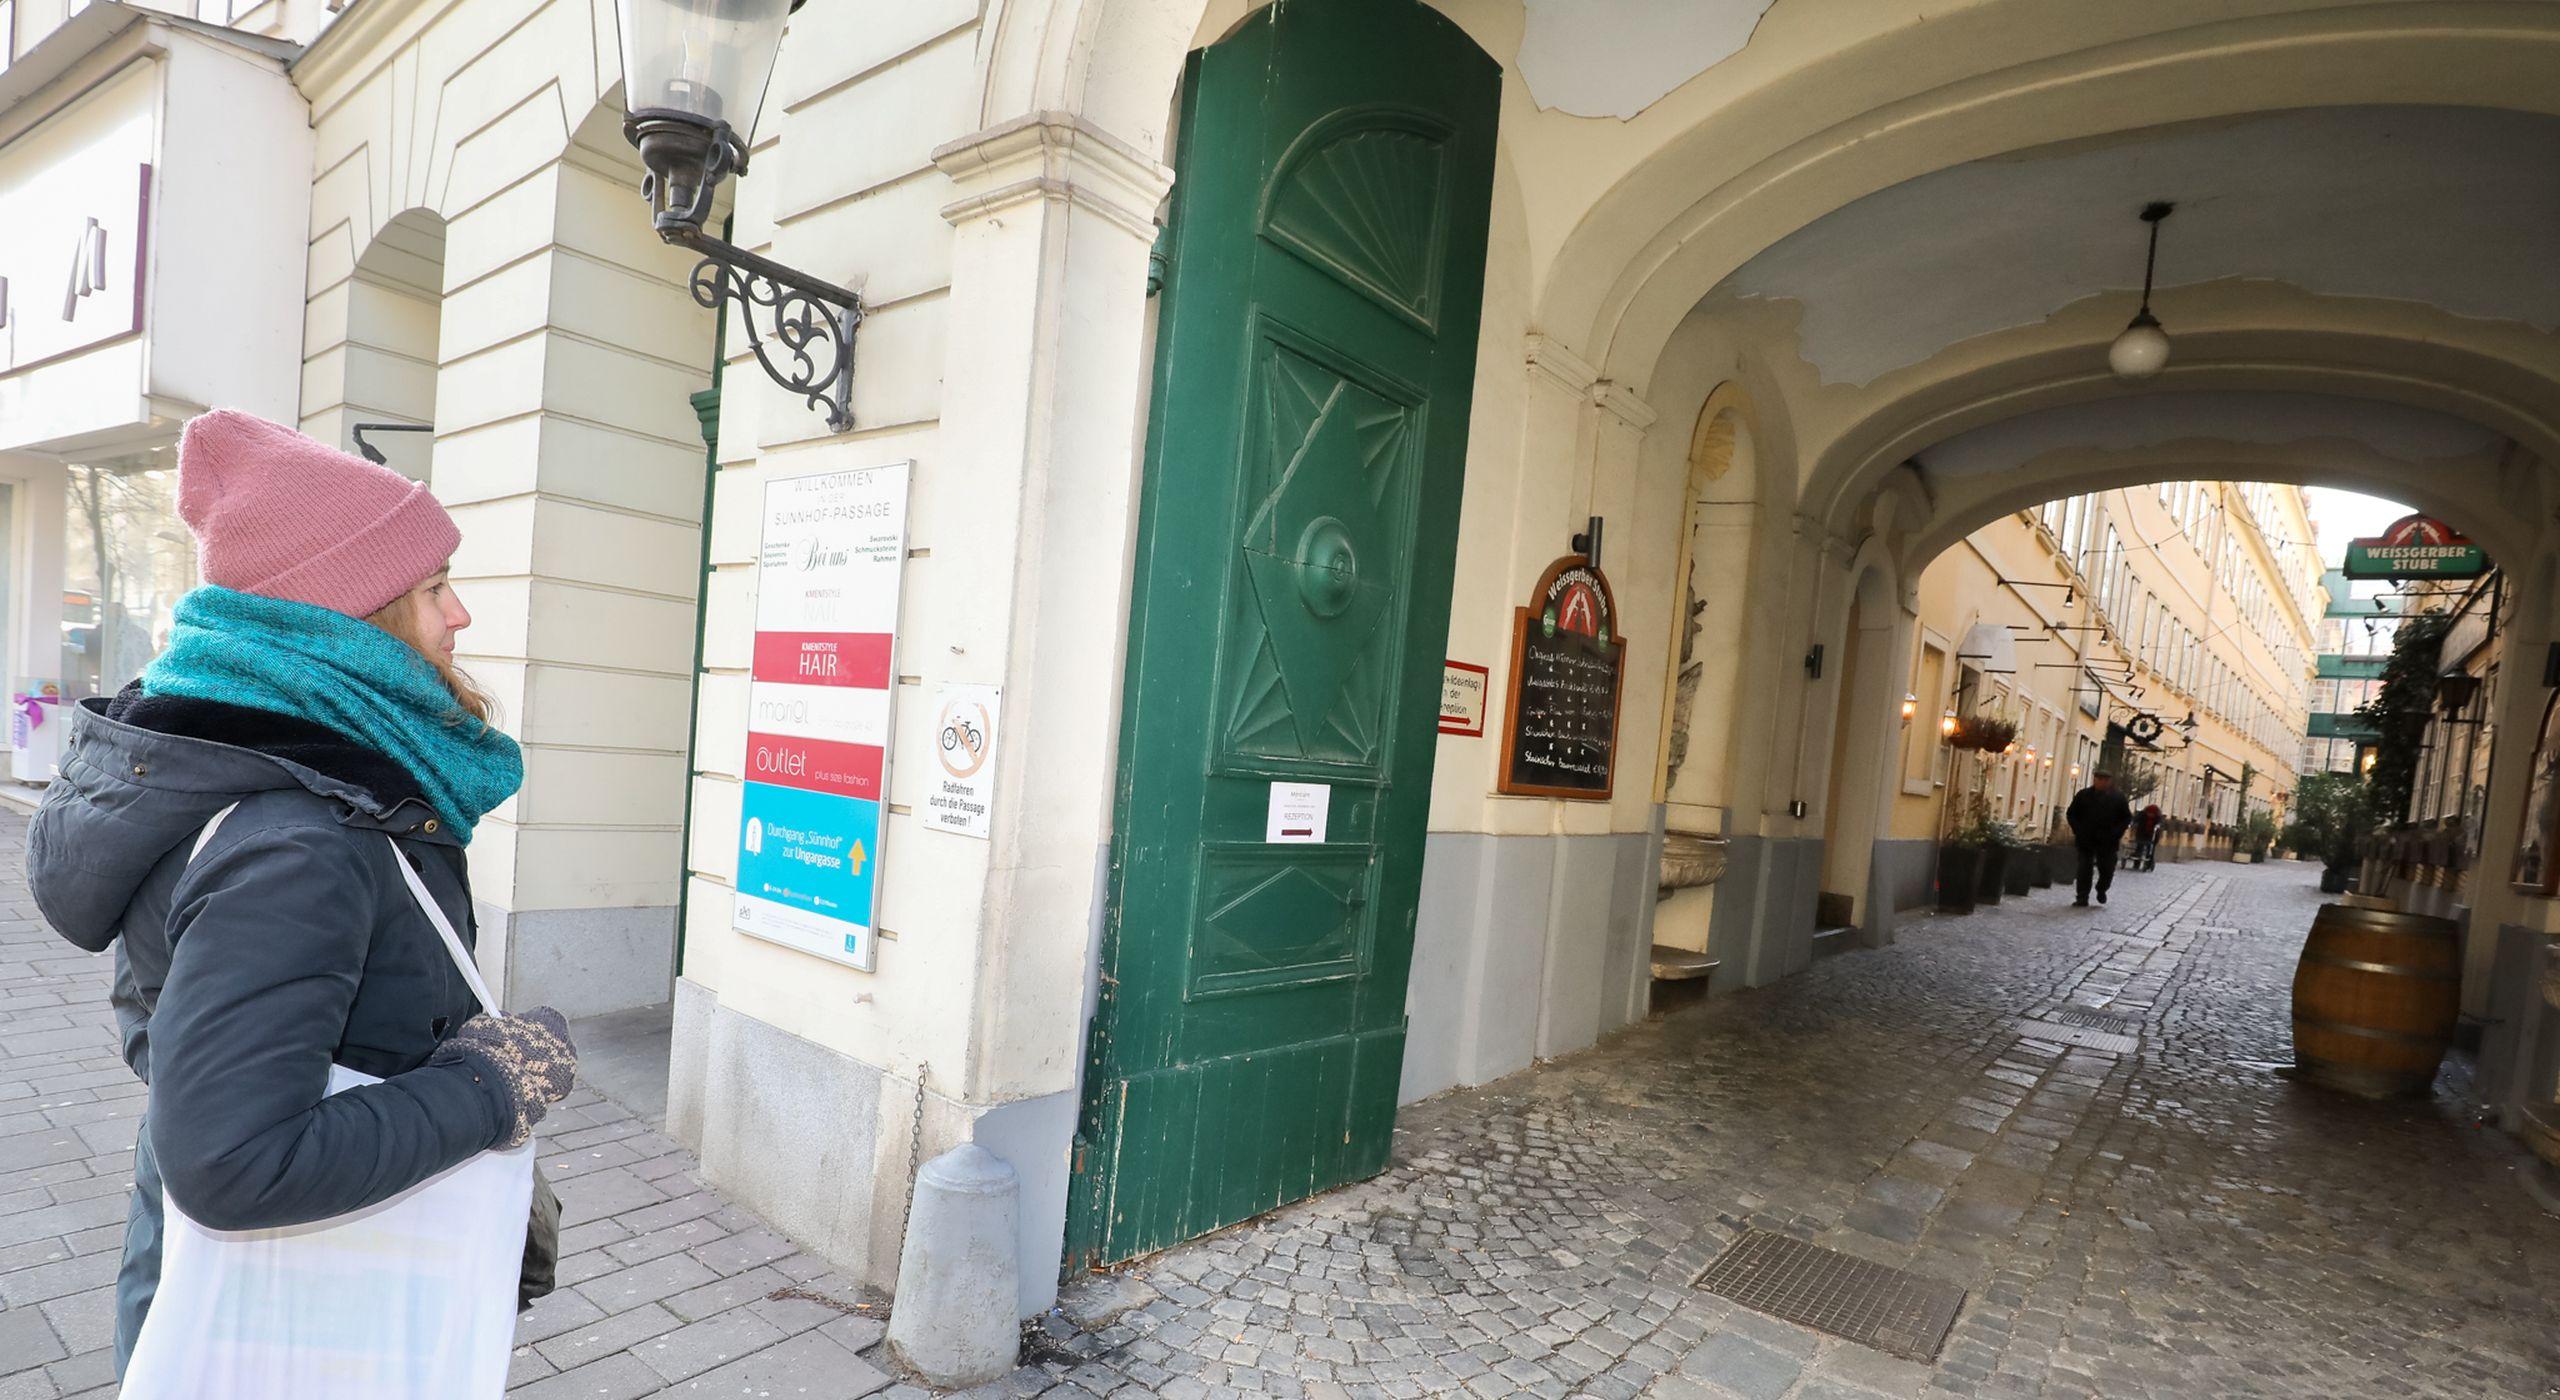 Im Jahr 2018 wurden erstmals öffentliche Durchgänge mit einem blauen Infoschild markiert. Zu sehen ist der Sünnhof, ein Durchgang im 3. Bezirk. Foto: Christian Fürthner